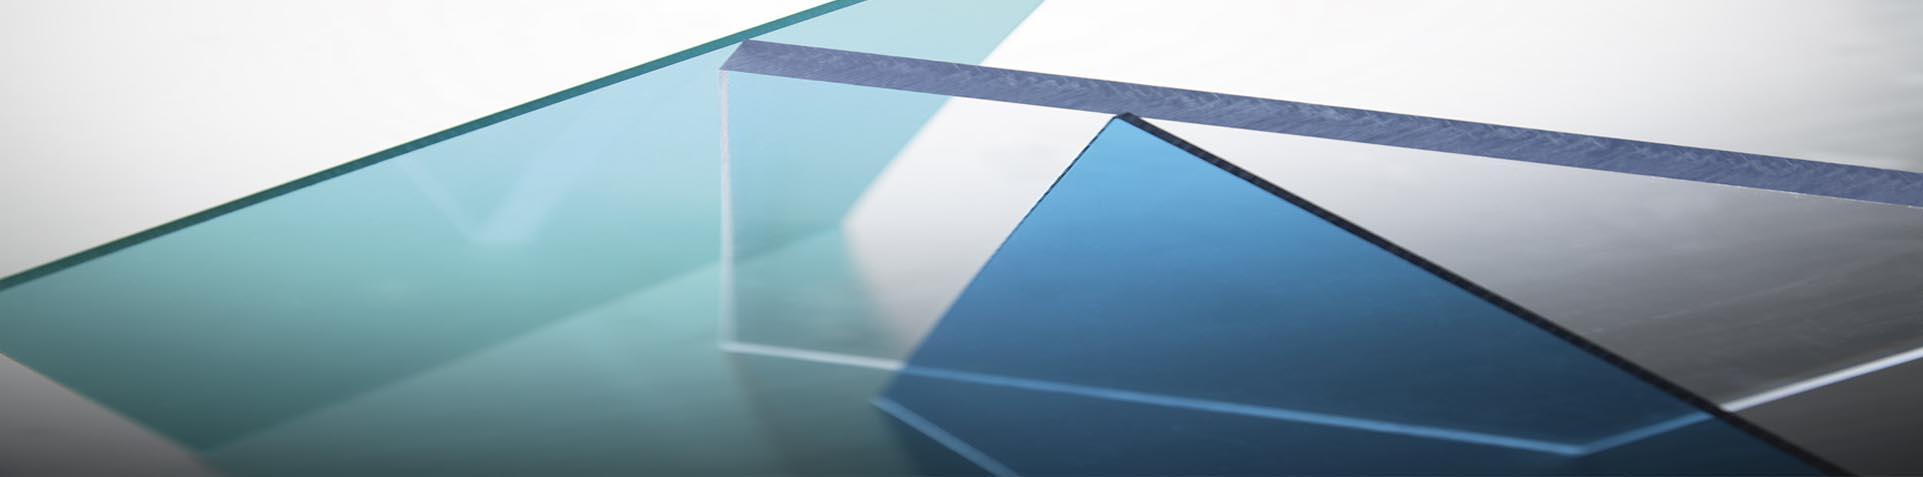 Tấm lợp lấy sáng thông minh polycarbonate Sơn Băng